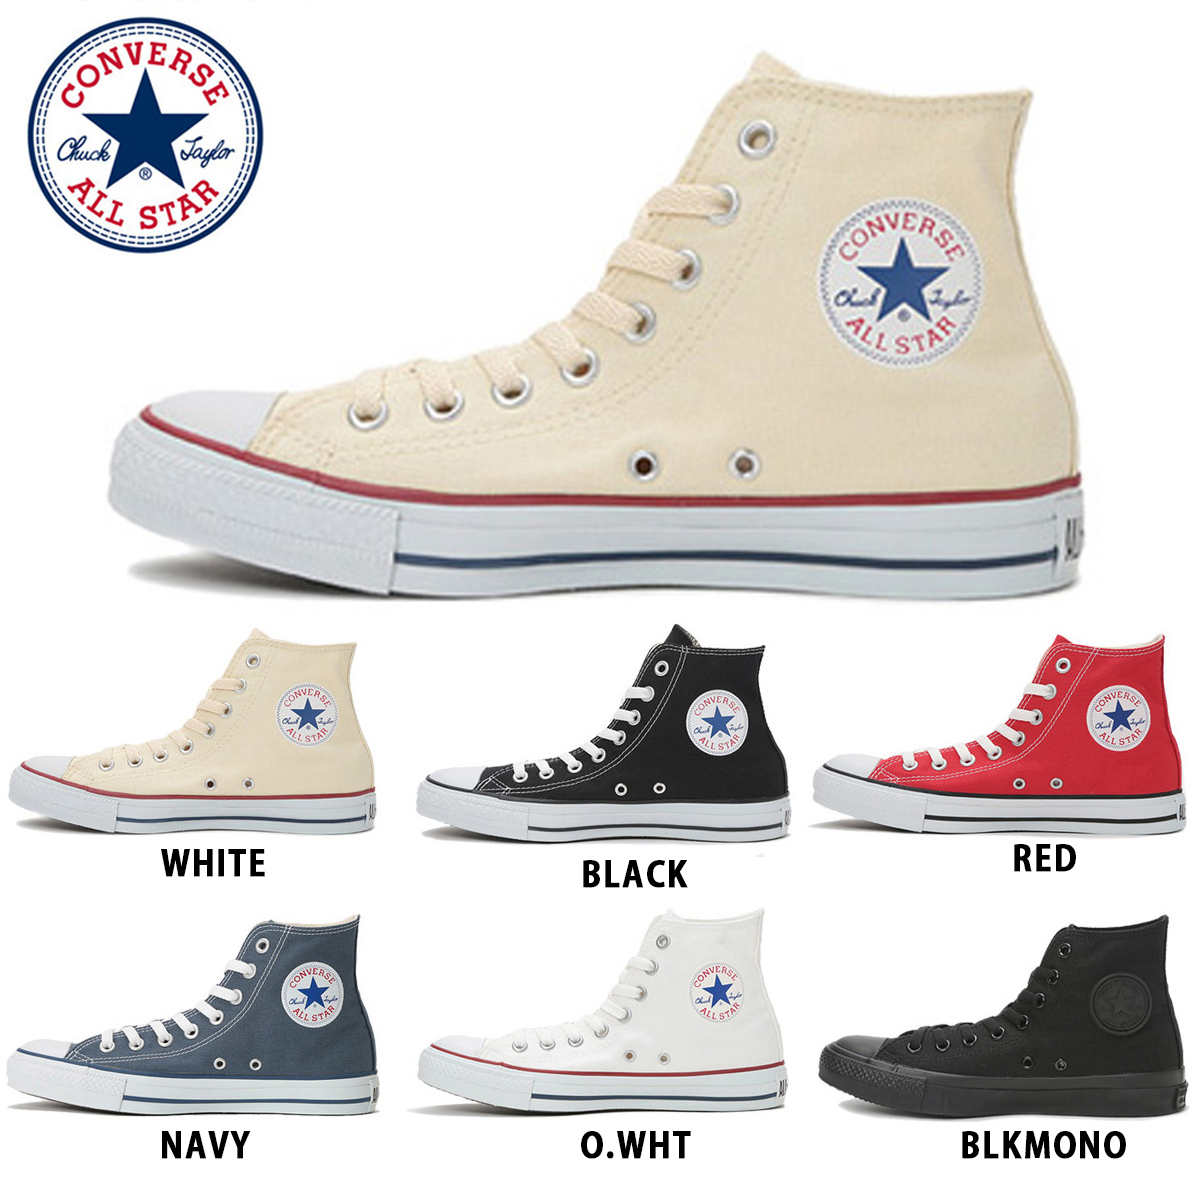 CONVERSE CANVAS ALL STAR HI Converse canvas all-stars HI six colors 32060180 32060181 32060182 32060185 32060183 32060187